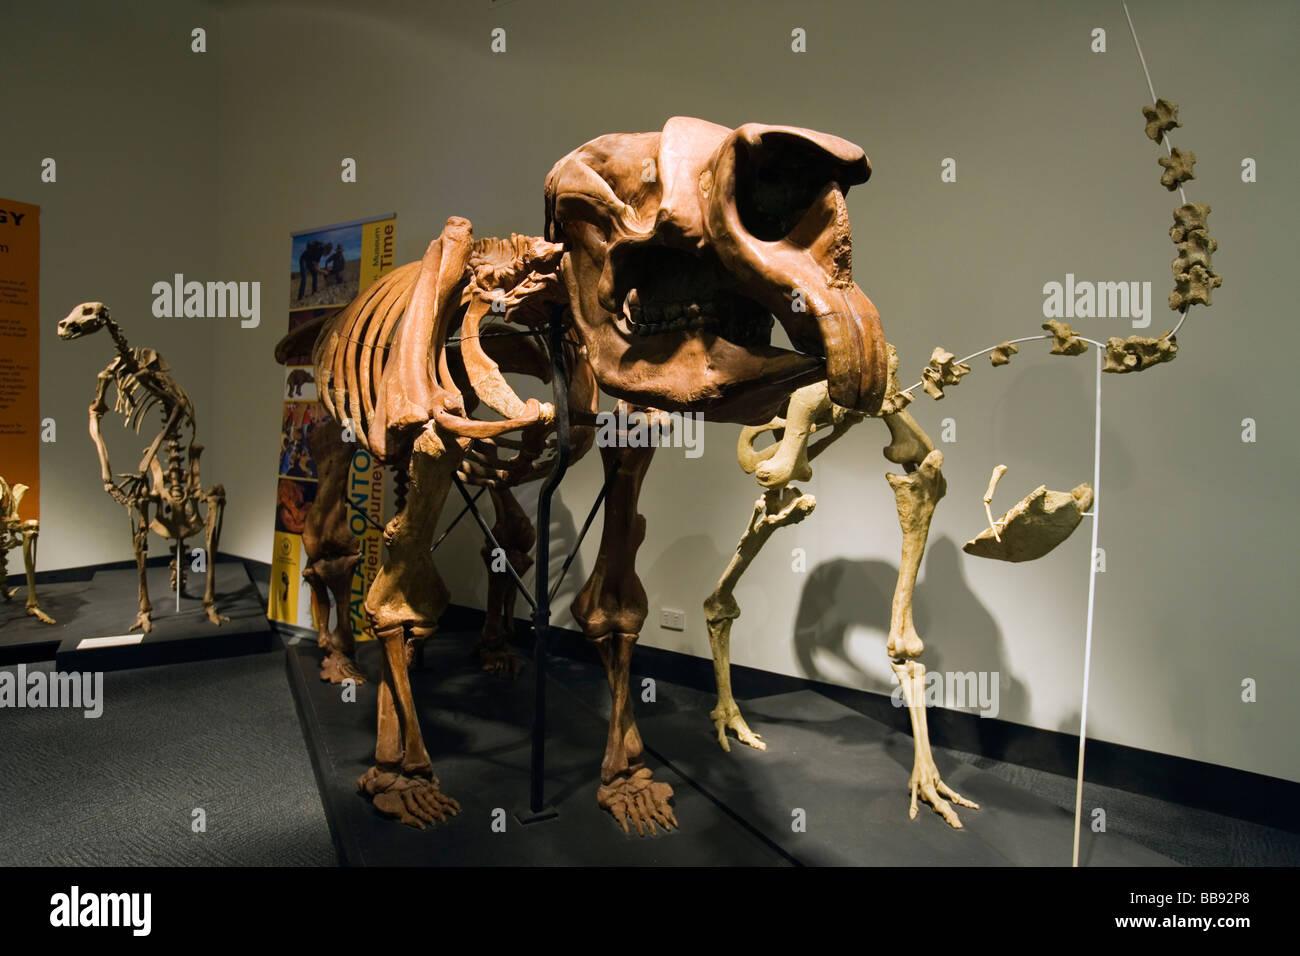 Diprotodon skeleton at a dinosaur exhibition in the South Australian Museum.  Adelaide, South Australia, AUSTRALIA - Stock Image